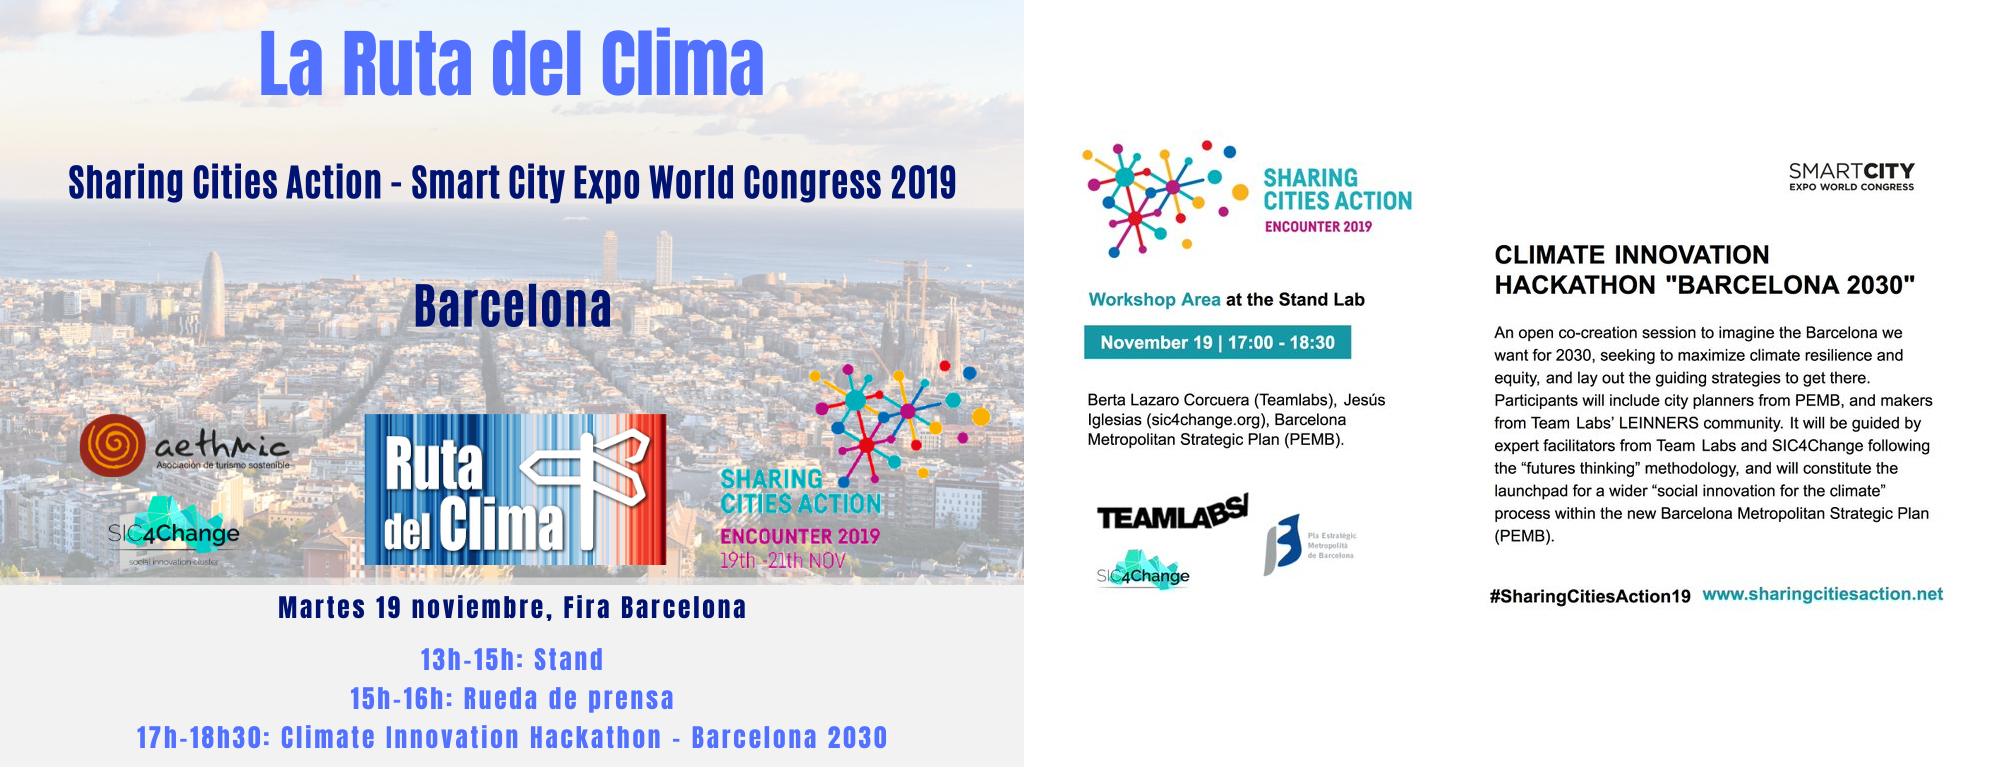 Comienza La Ruta Del Clima En Barcelona: 2019 Sharing Cities